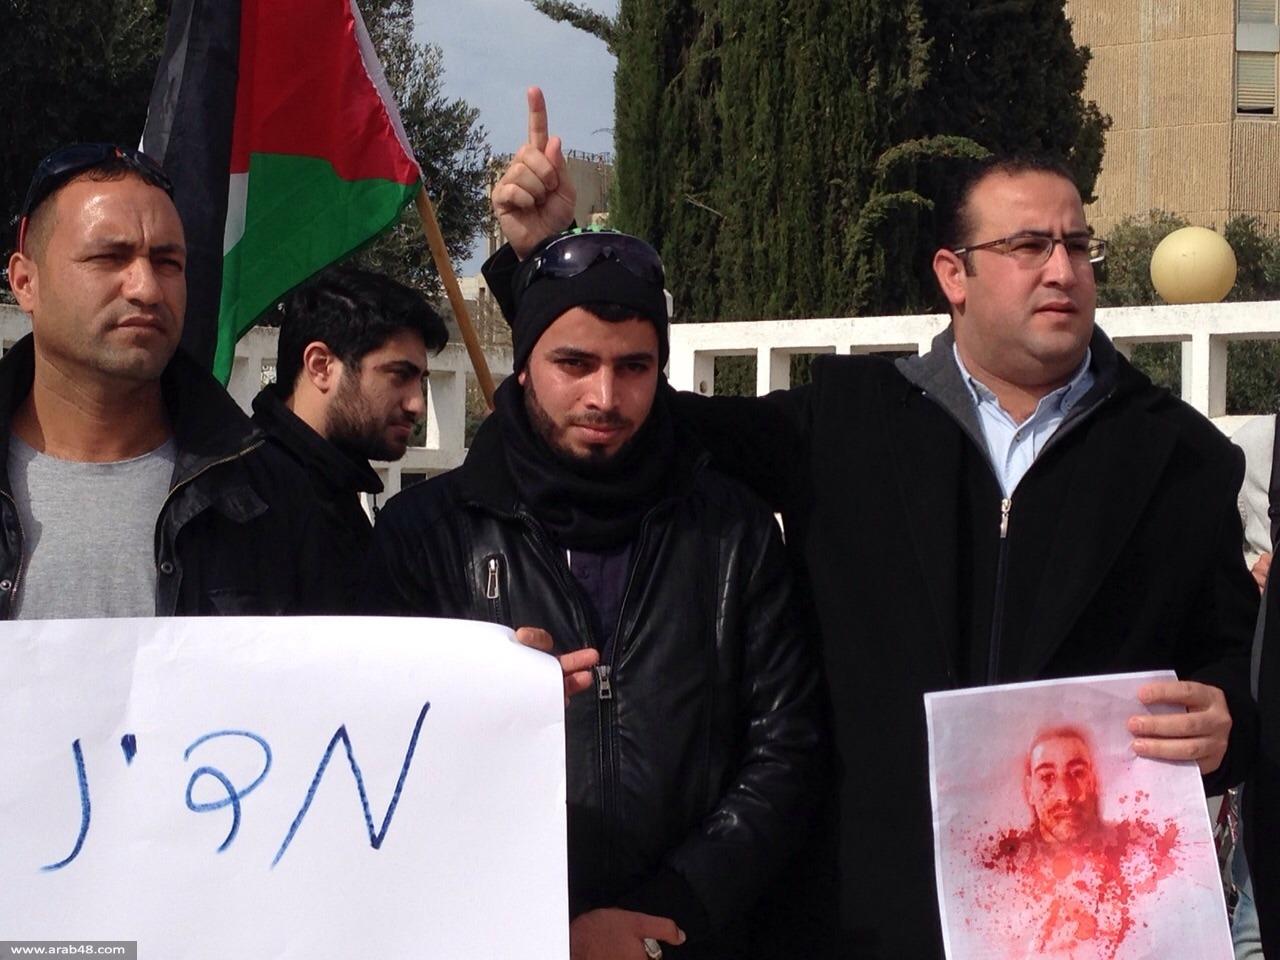 النقب: تظاهرة طلّابية عند مدخل جامعة بئر السبع